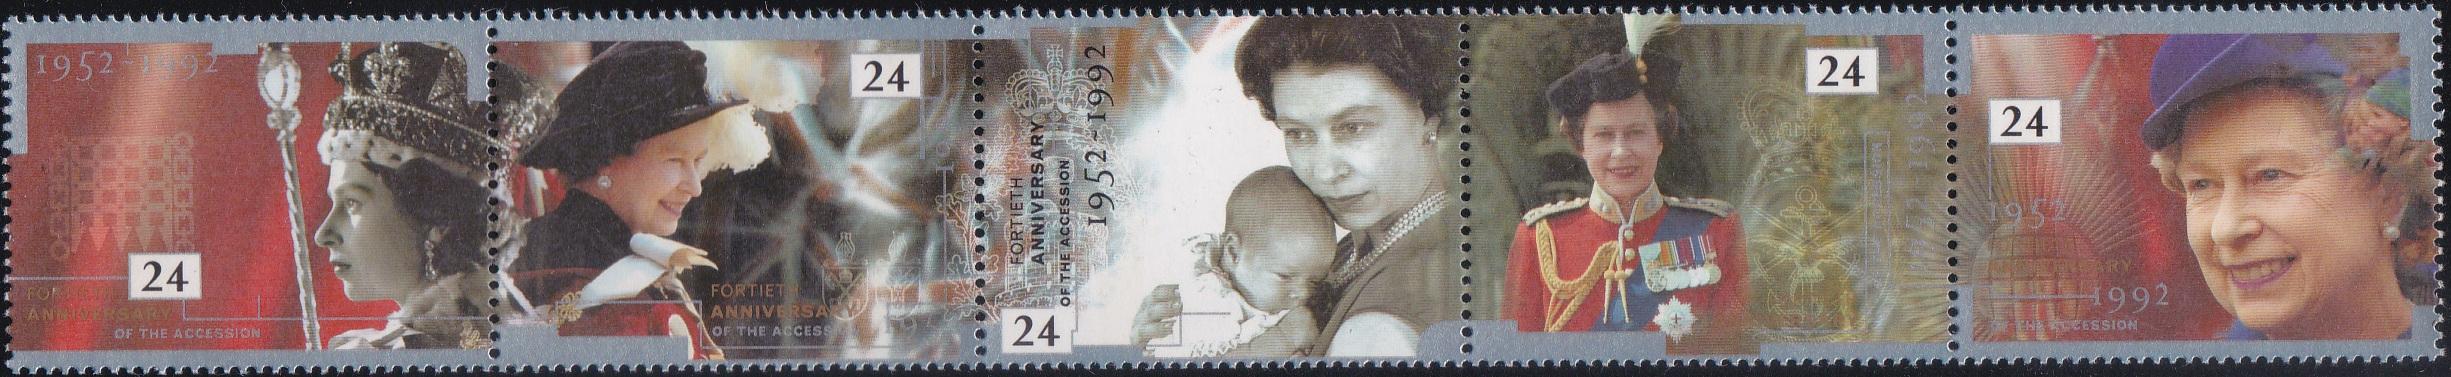 1436-40 Queen Elizabeth II [England Setenant Stamp 1992]